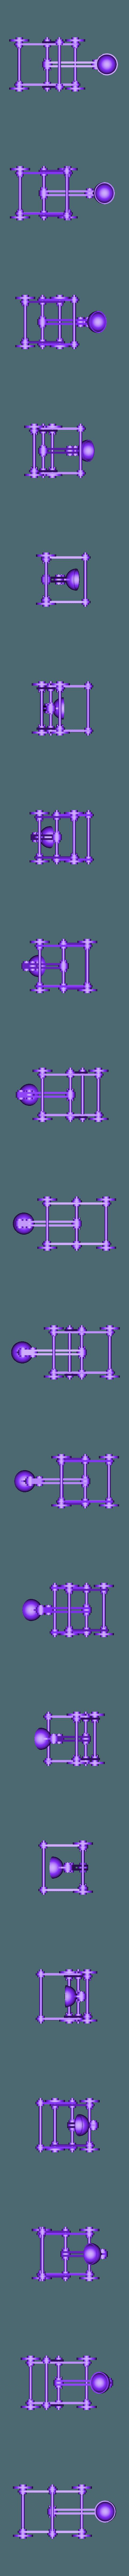 Catapult360DEMO_ONLY.STL Télécharger fichier STL gratuit MACHINES MÉDIÉVALES - Pack d'extension • Plan pour imprimante 3D, Pwentey